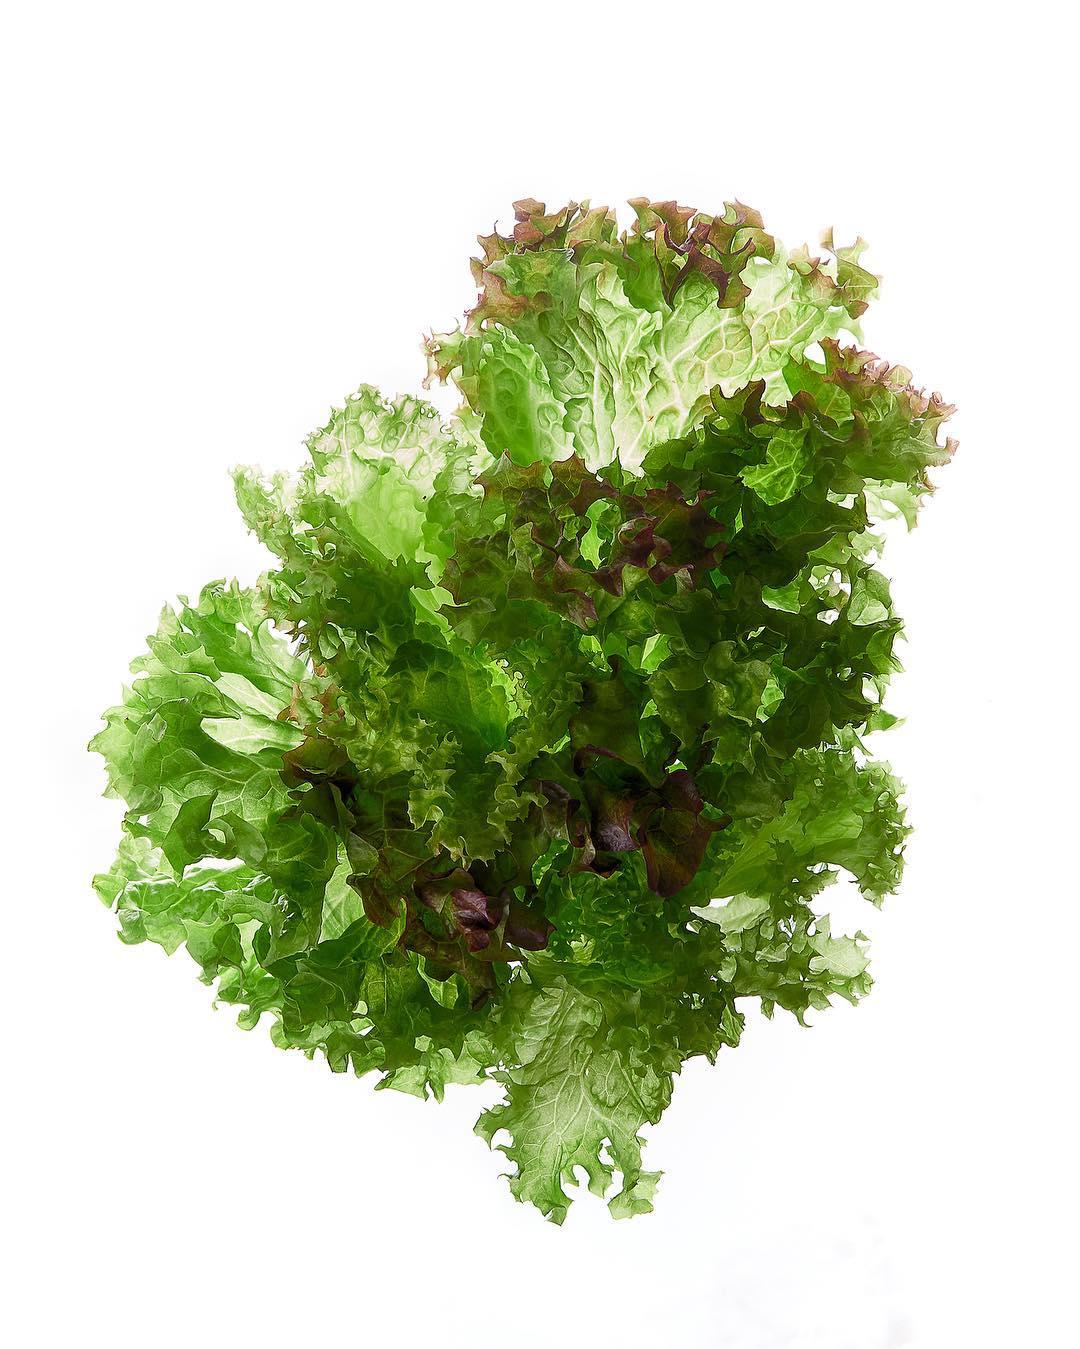 Салат Трио-микс - ассорти листовых салатов